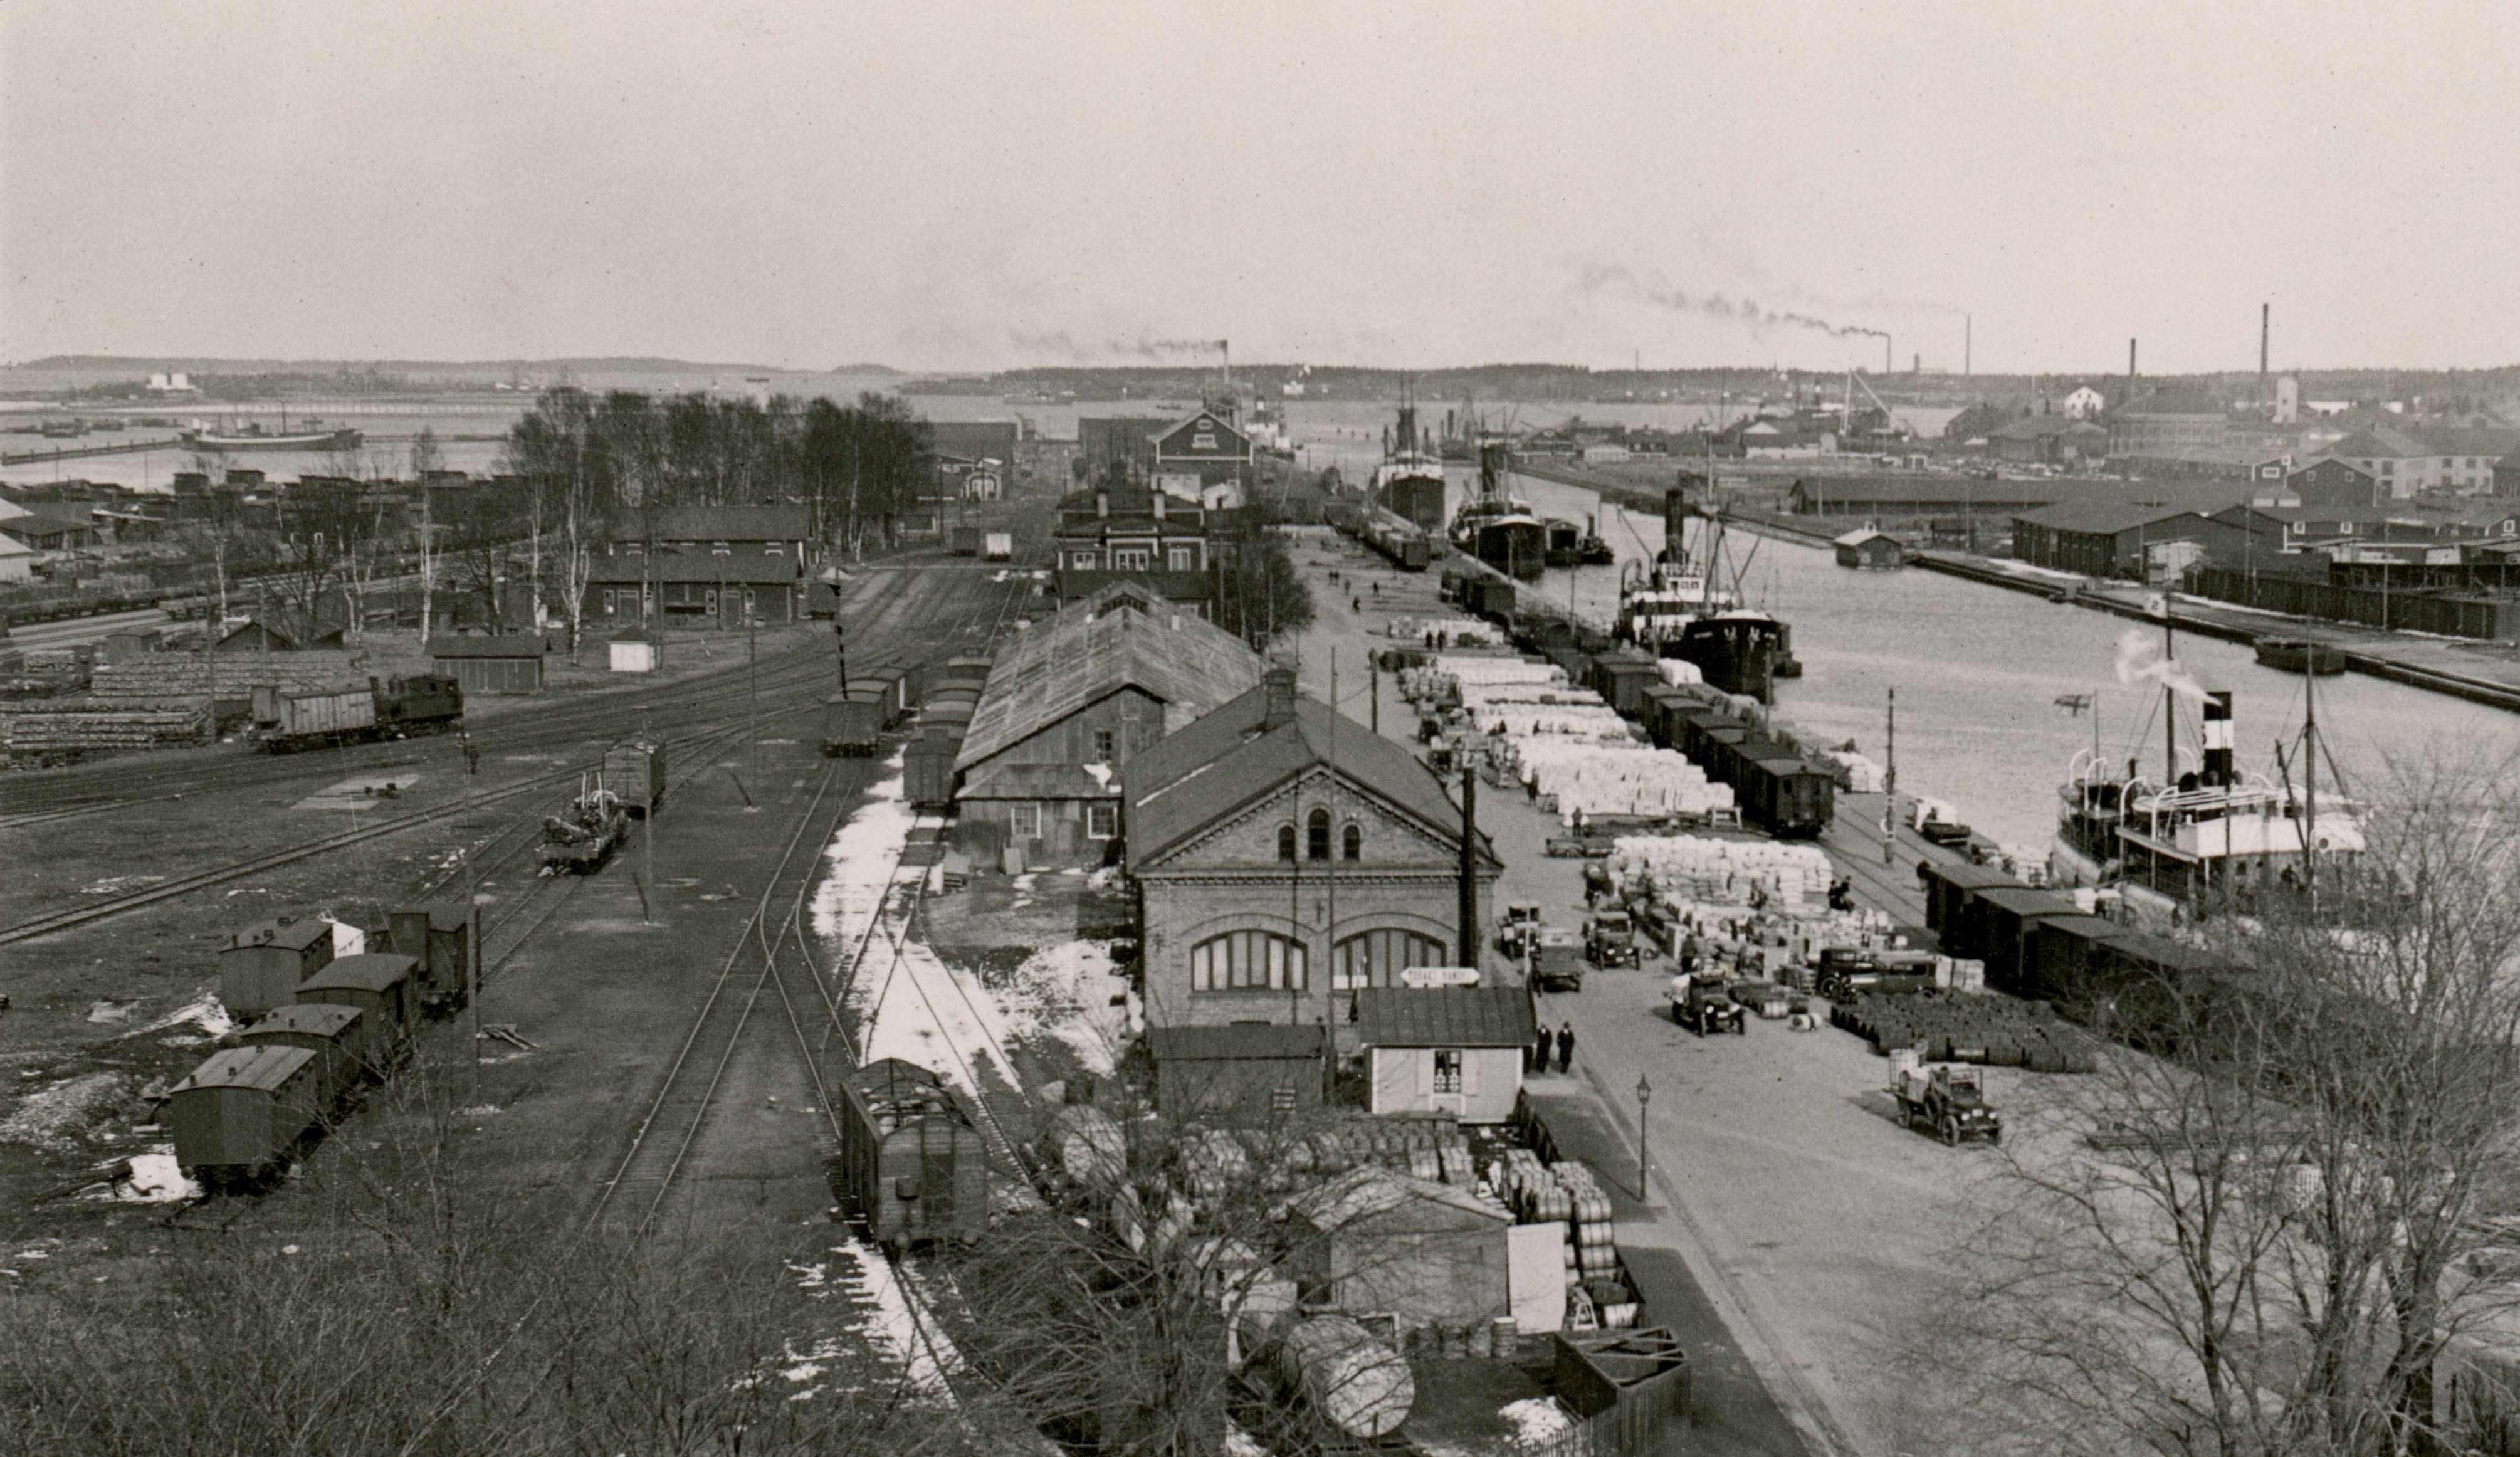 Carl Larsson, Vy över Norra Skeppsbron, Alderholmen. Sent 1920-tal.